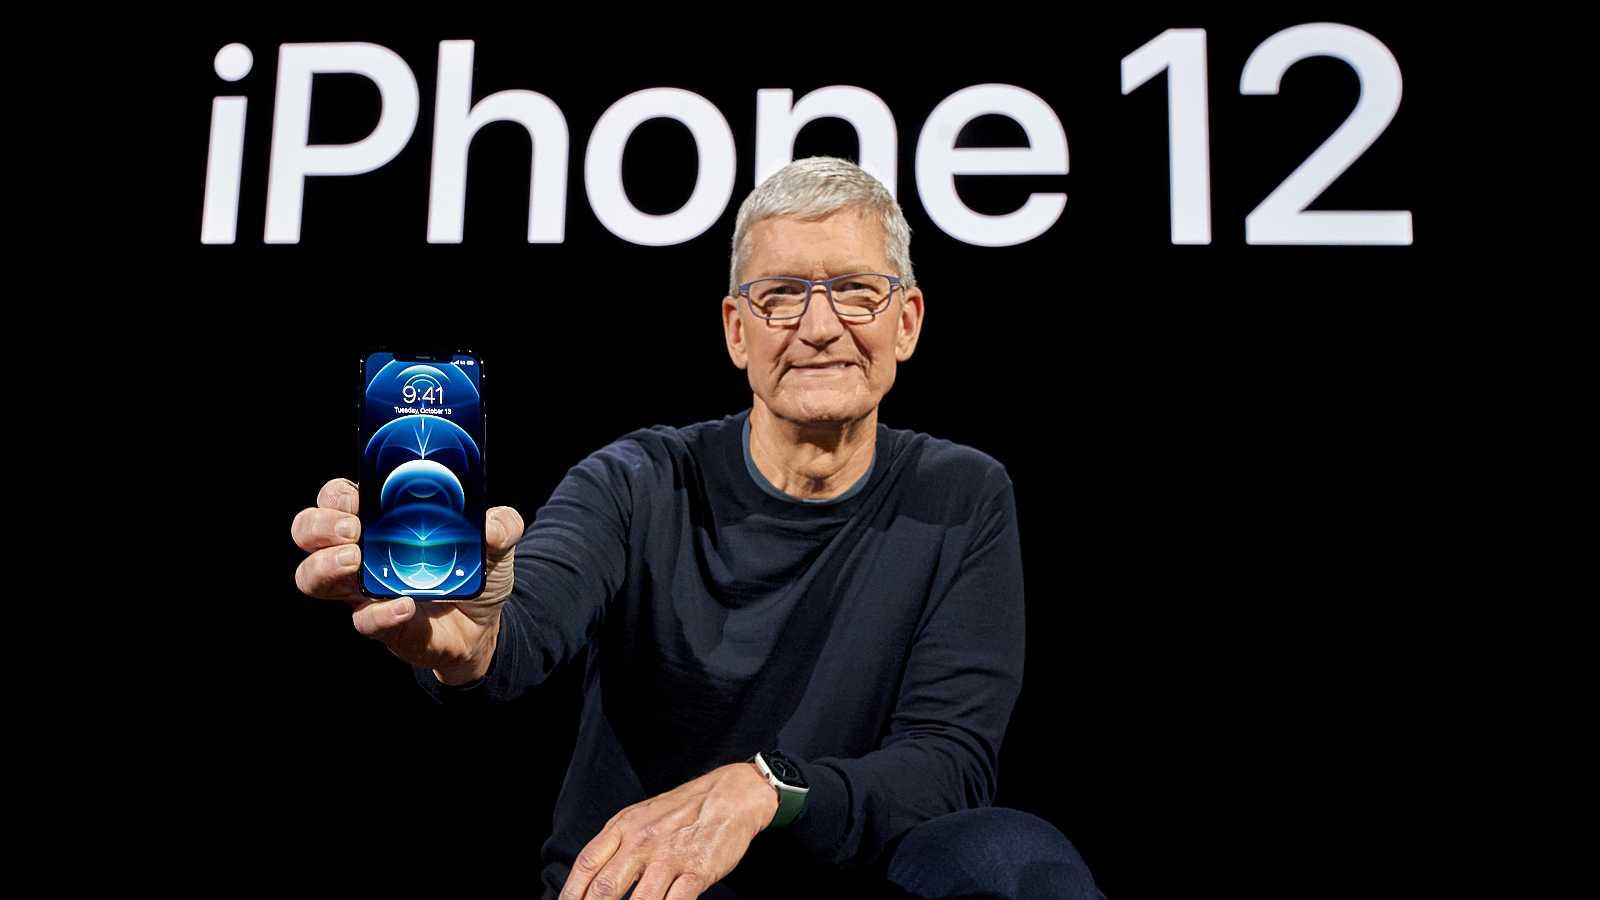 El director ejecutivo de Apple, Tim Cook, posa con el nuevo iPhone12 durante su presentación.